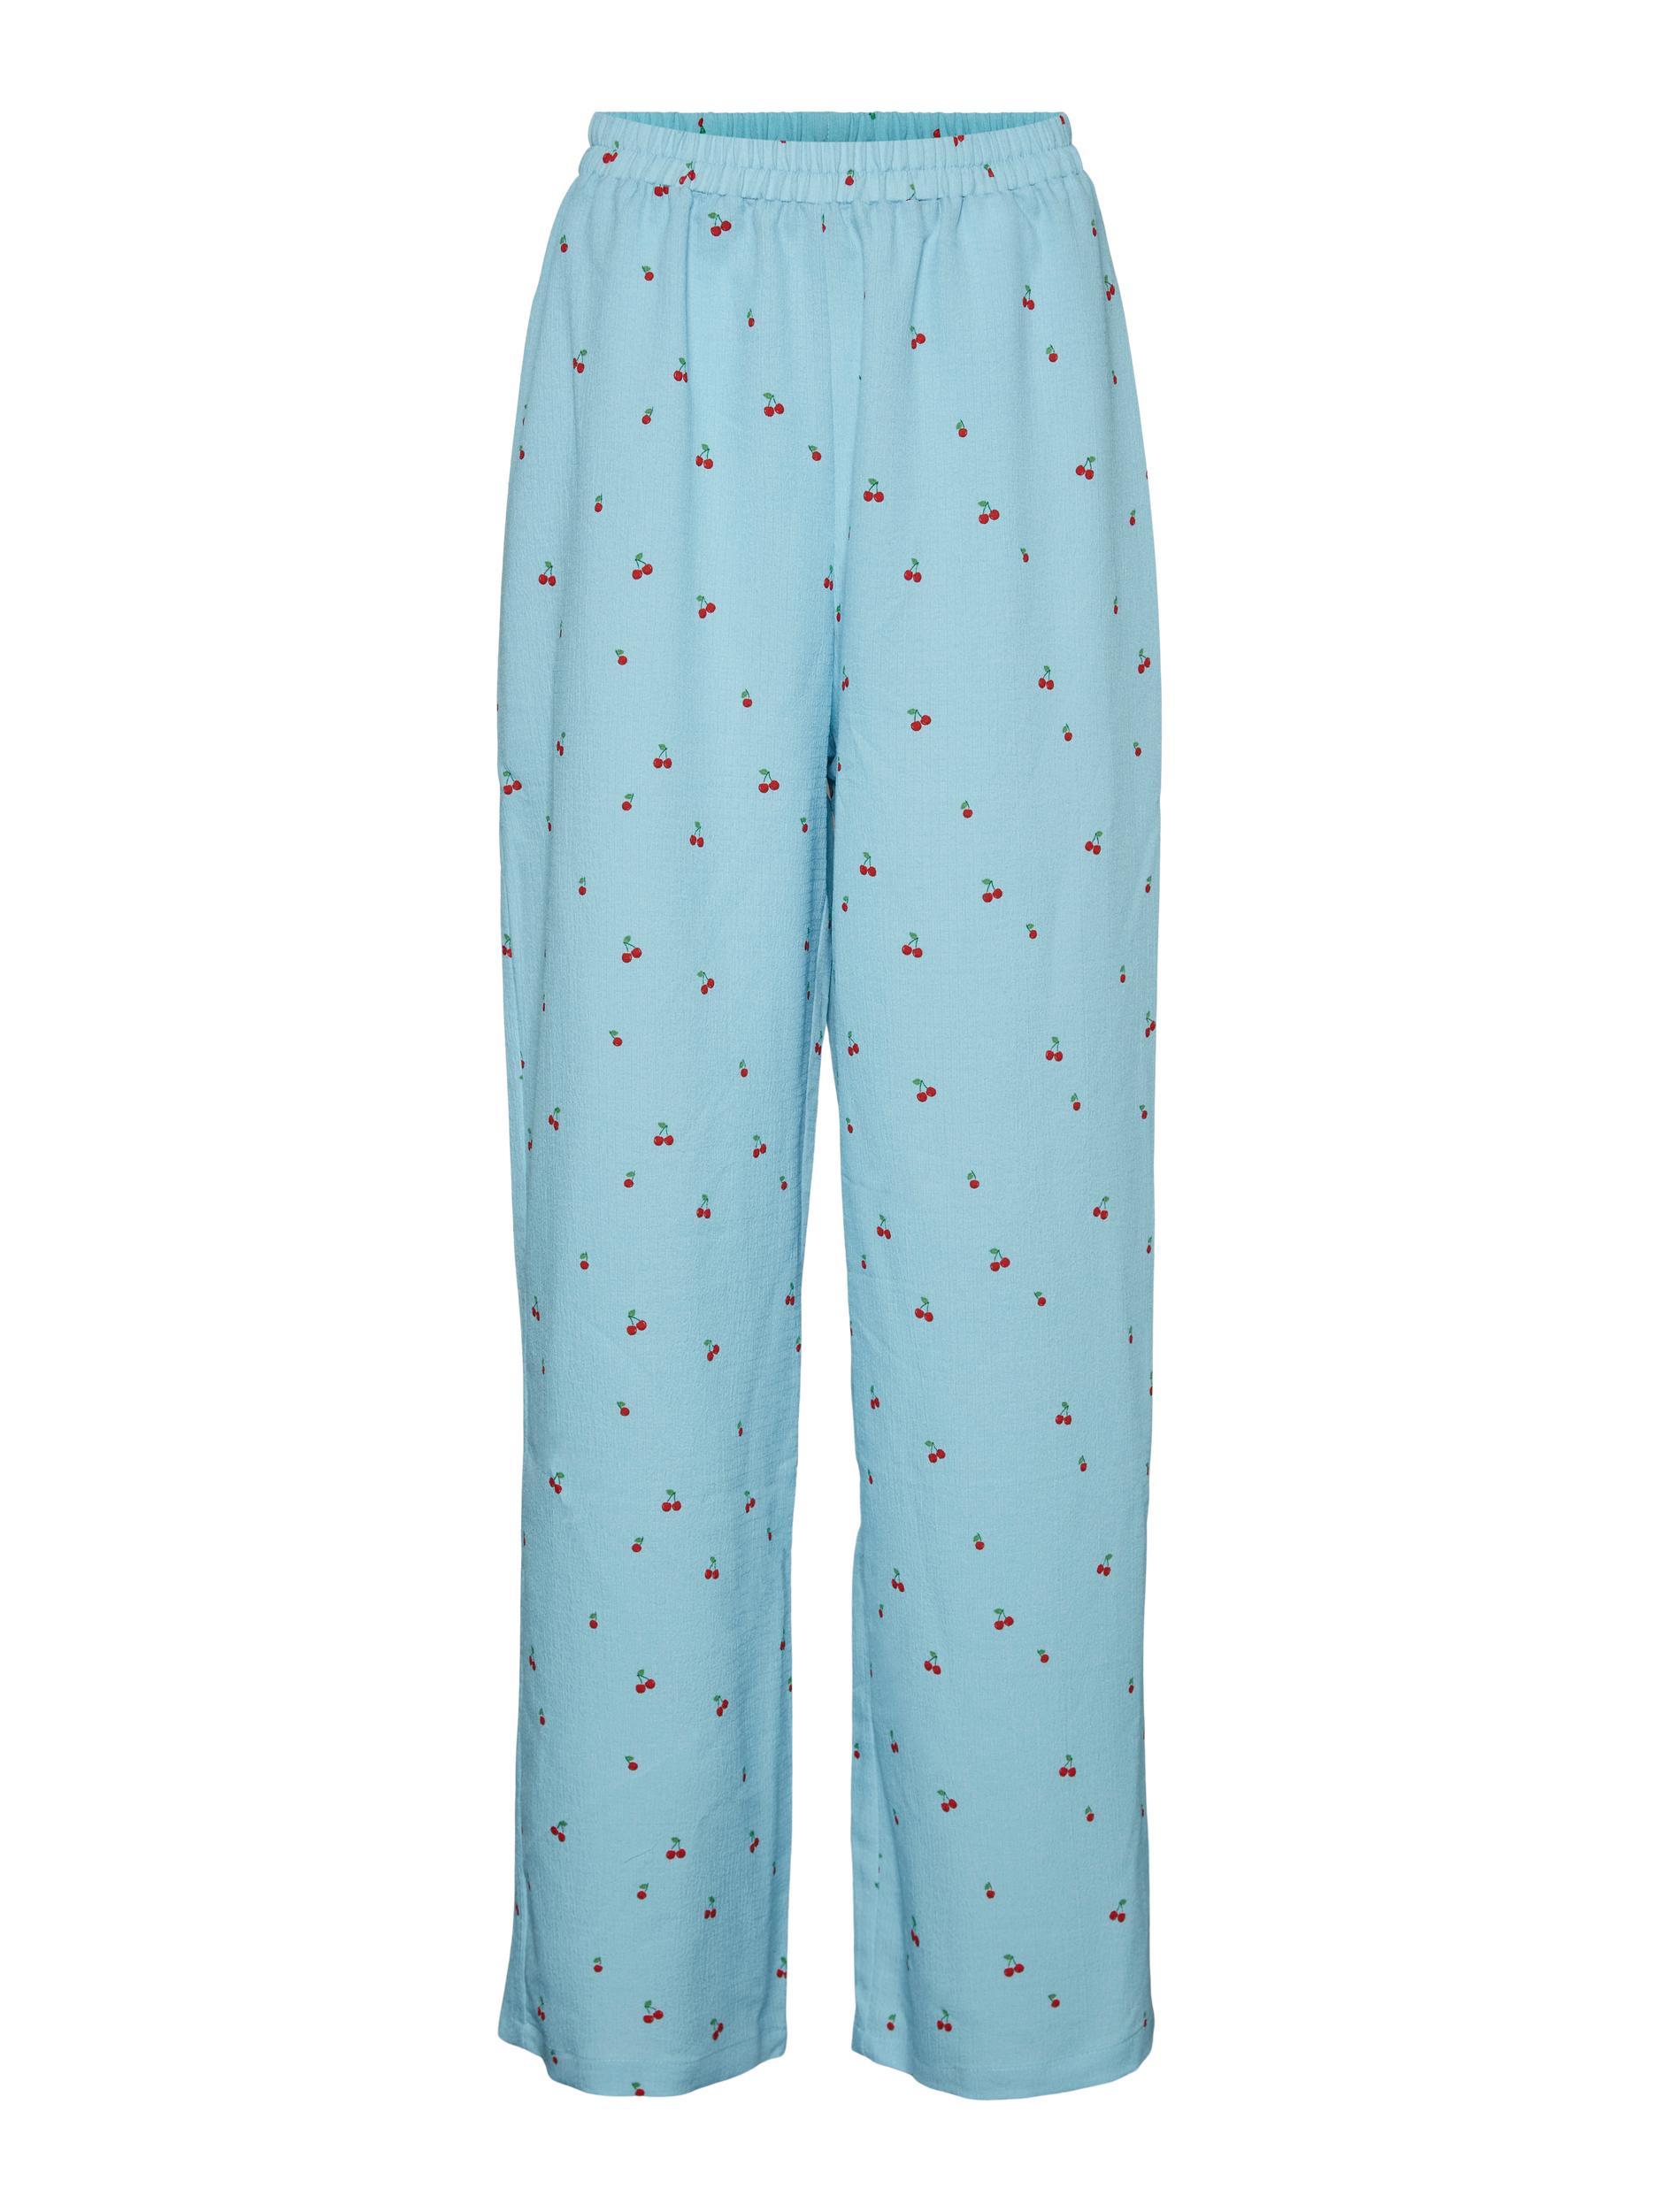 Vero Moda Lolly Fun Bukser, Cashmere Blue, S